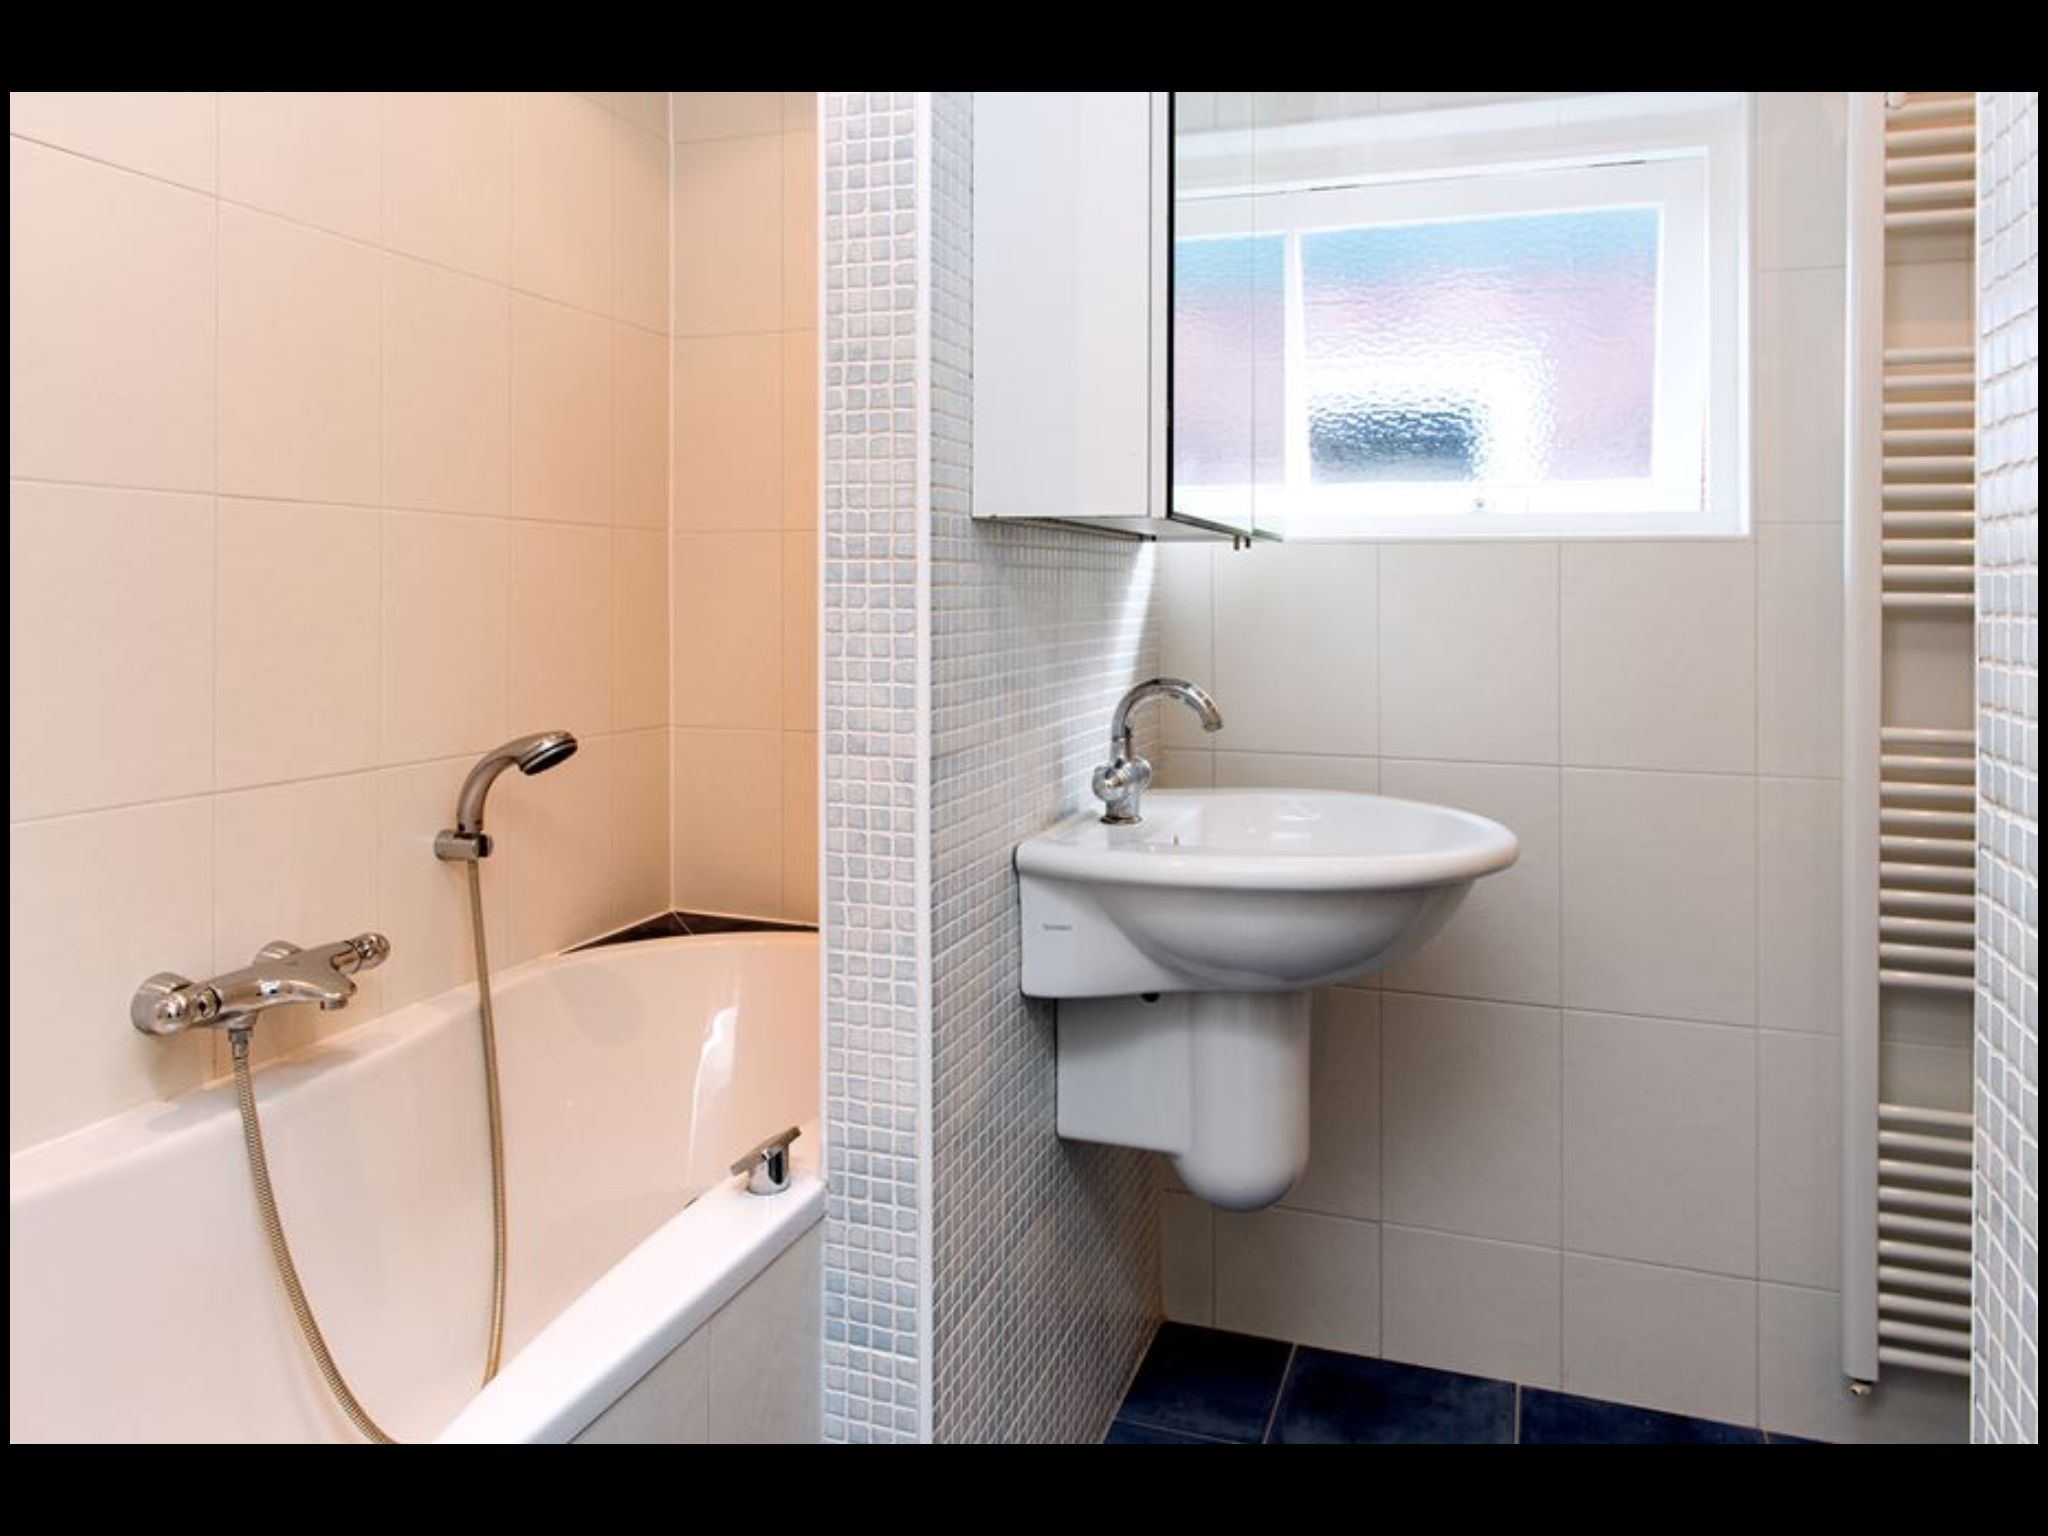 Badkamer, wastafel, douche, bubbelbad, ruimte voor wasmachine/droger ...